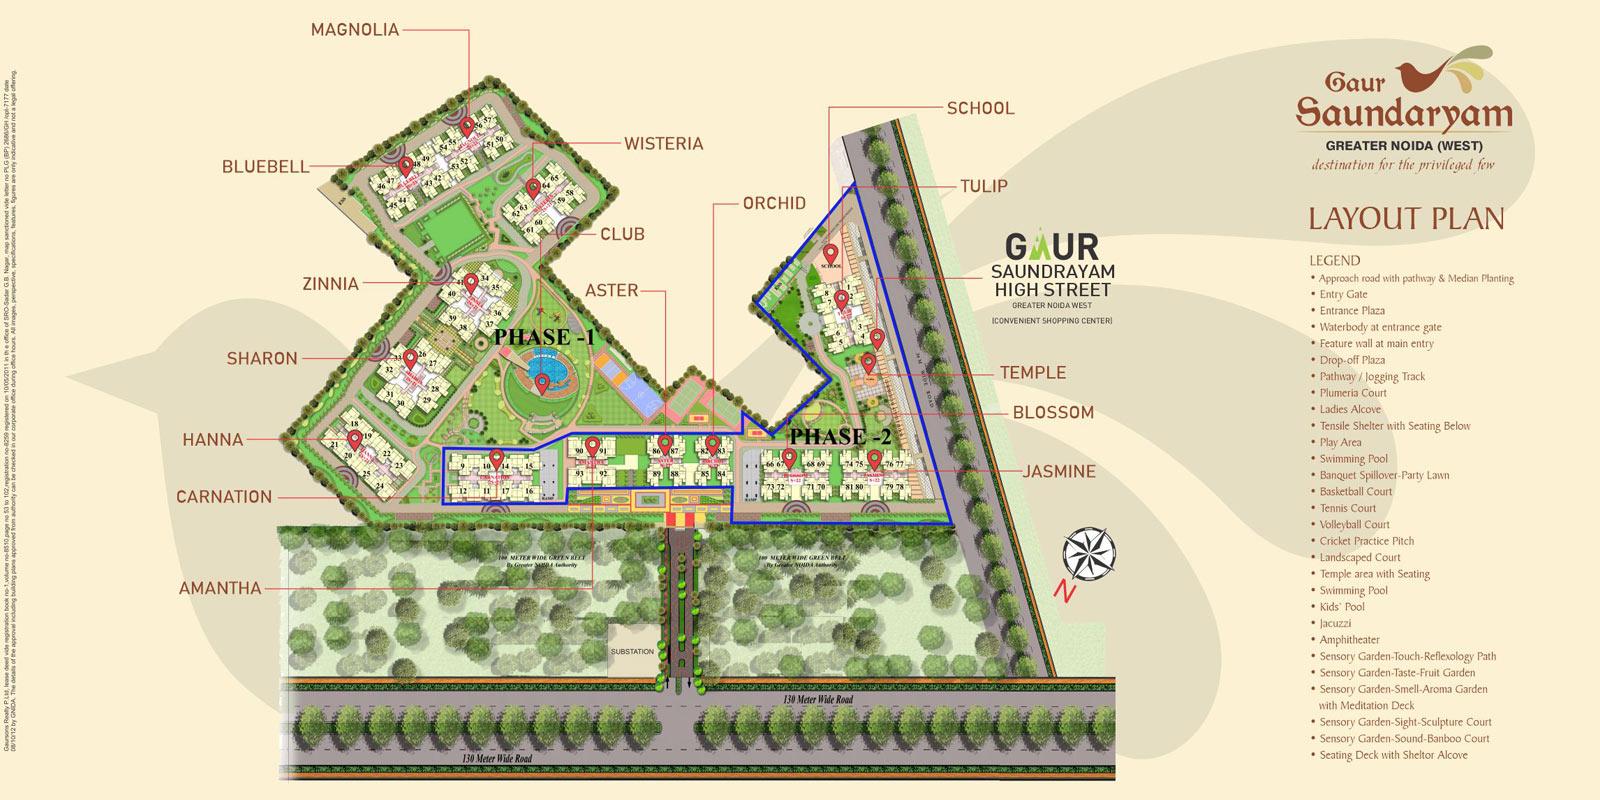 Gaur-Saundaryam-Site-layout-plan